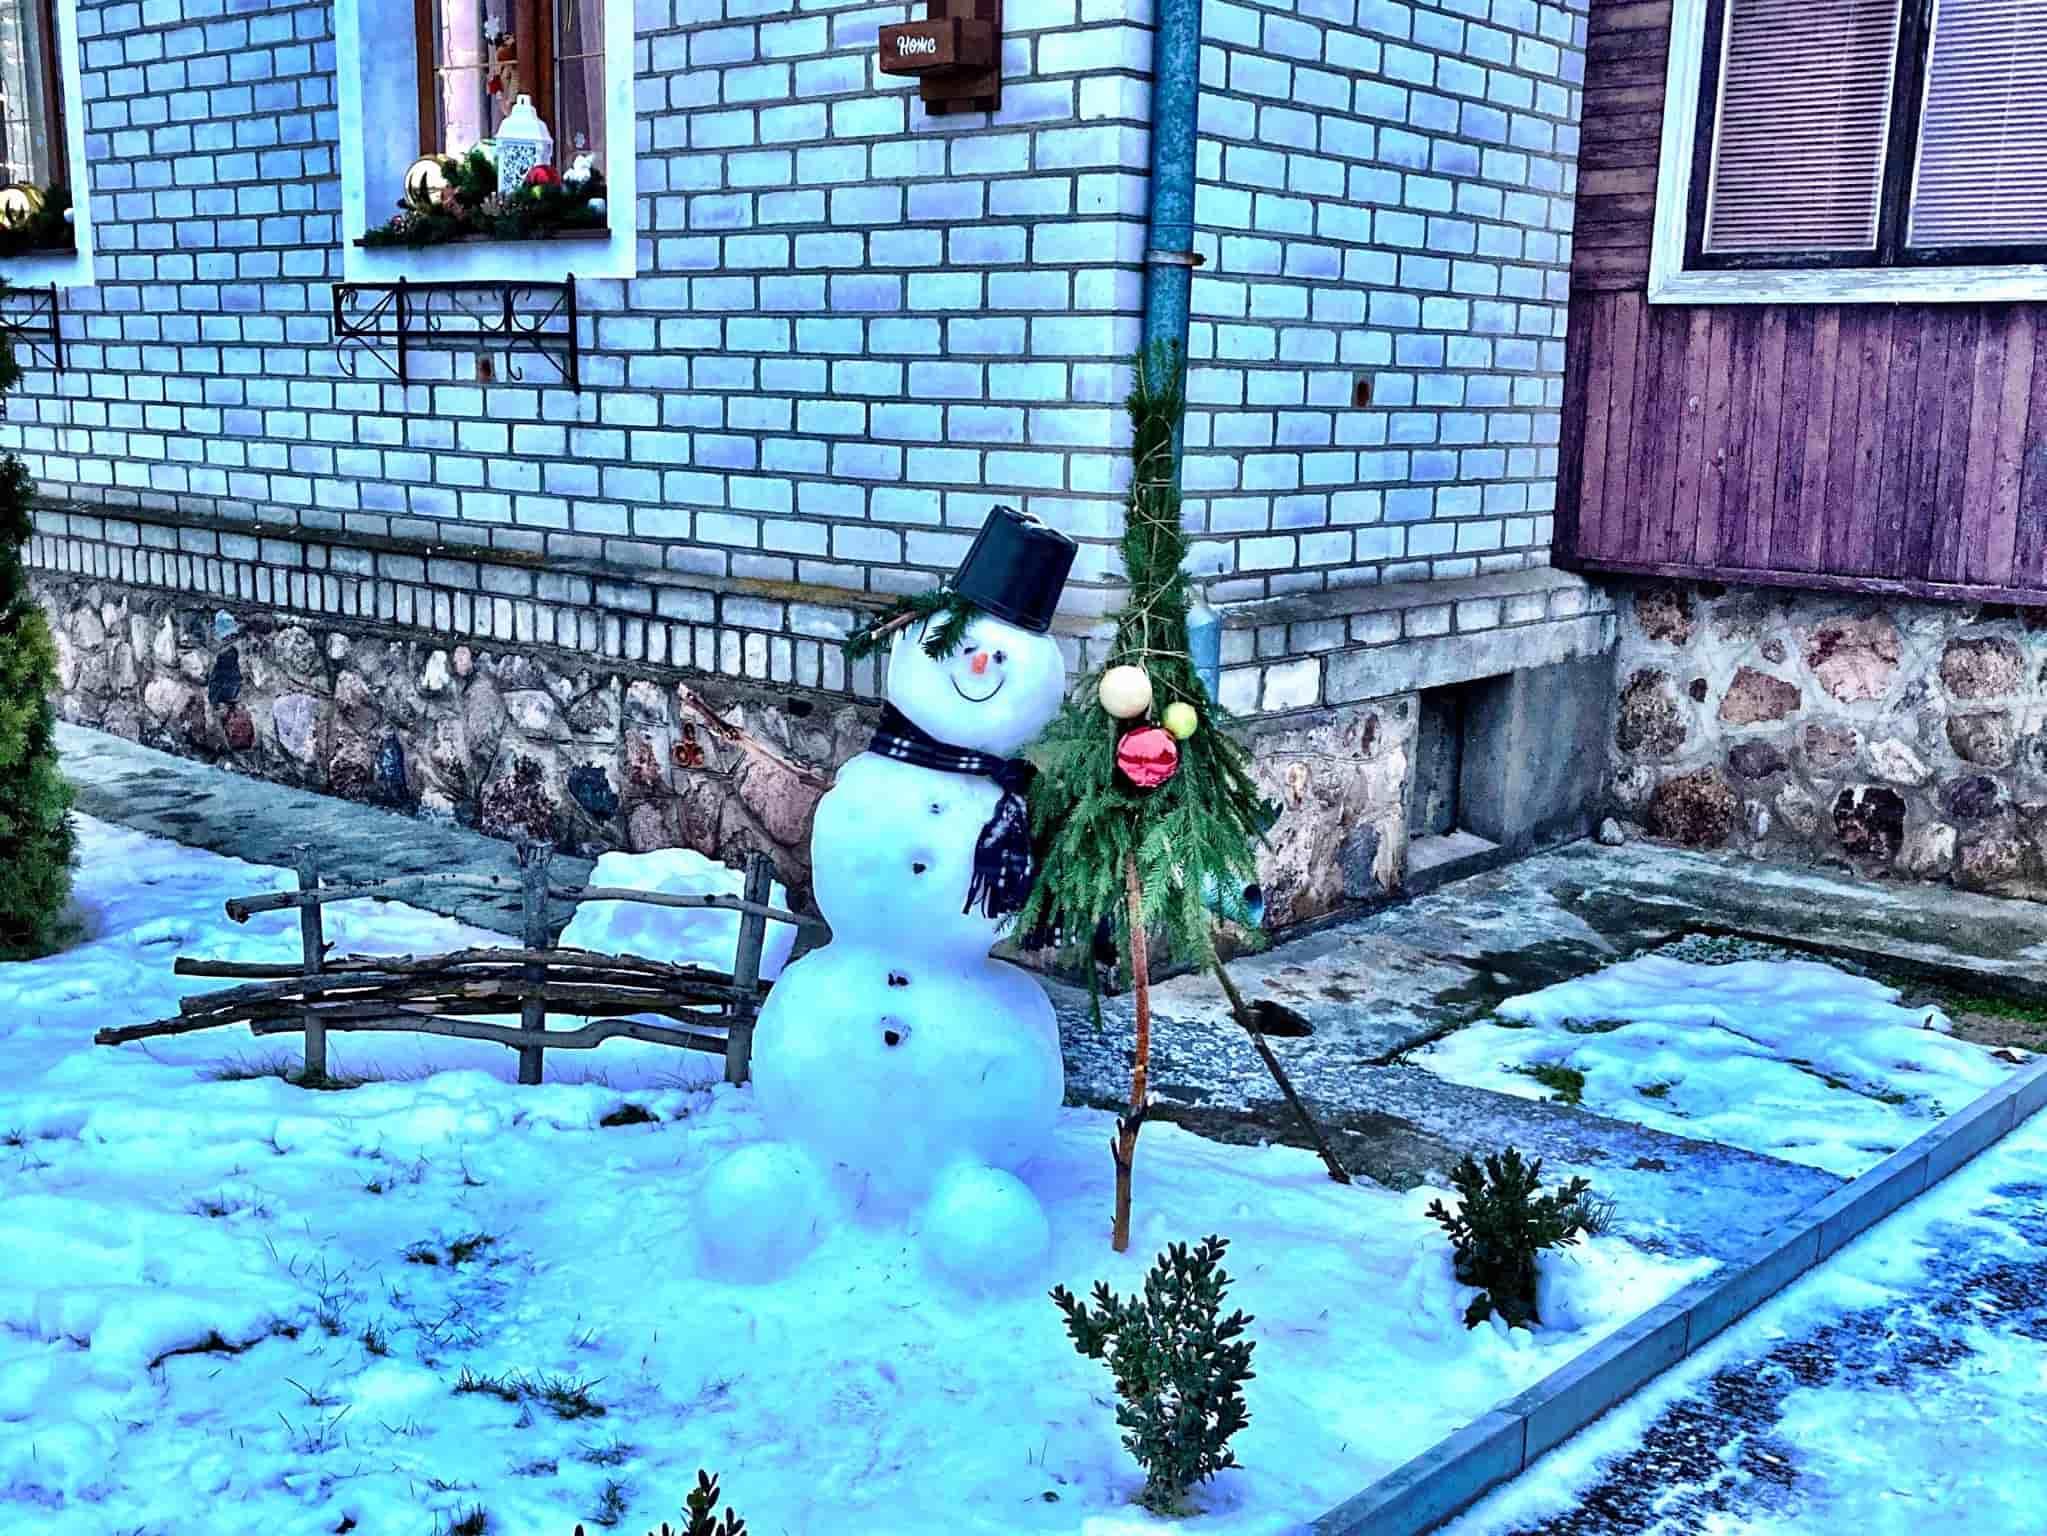 Cheerful snowman Belarus